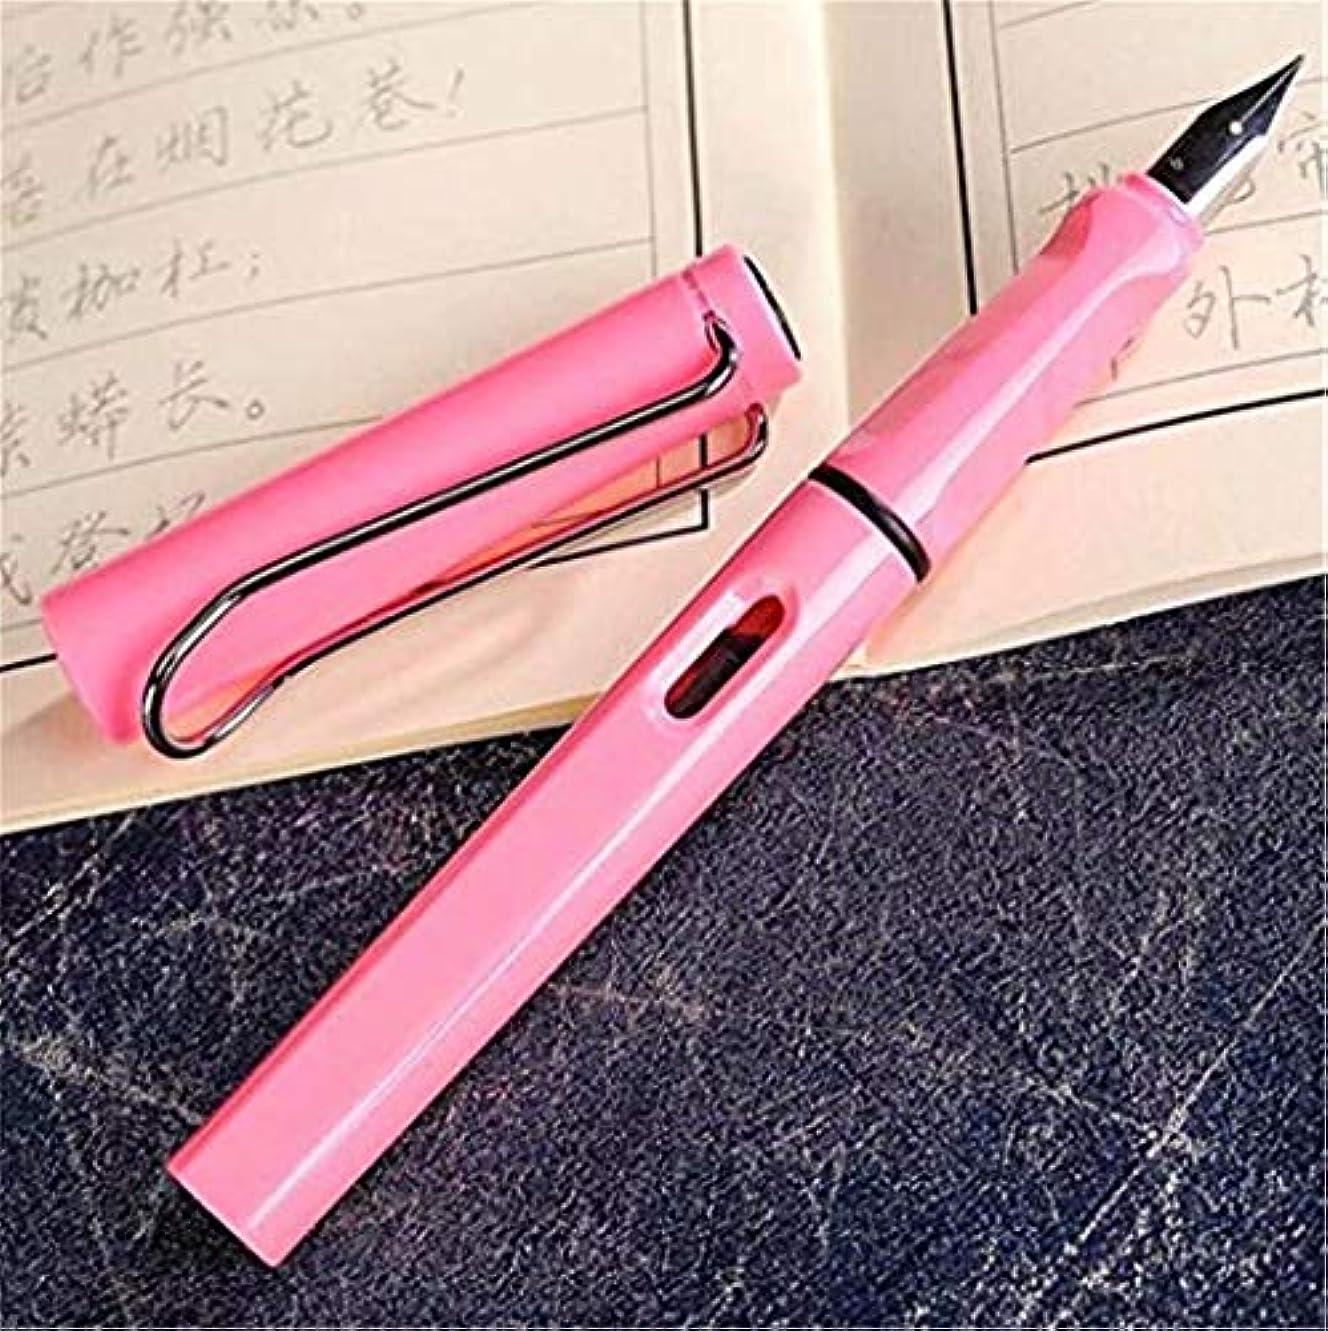 かんたん満足できる非行七里の香 ミリメートルストレートペン先のインクリフィル万年筆、ブラックゴールドトーン …